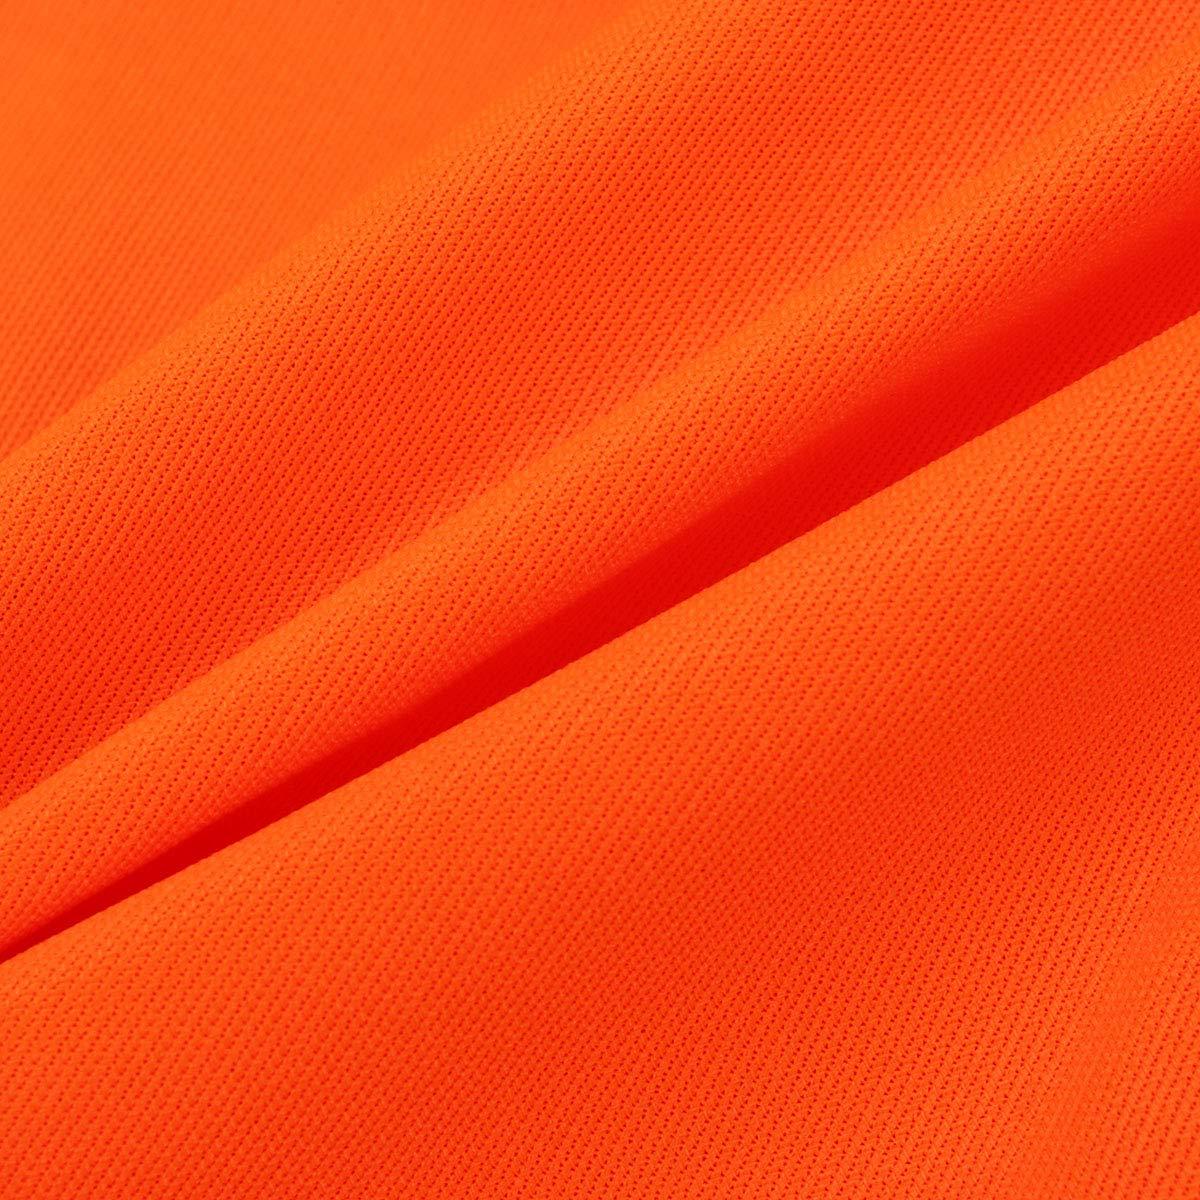 Vosarea Warnweste Kinder Reflektierend Jungen M/ädchen Sport Outdoor Aktivit/äten Bekleidung Orange